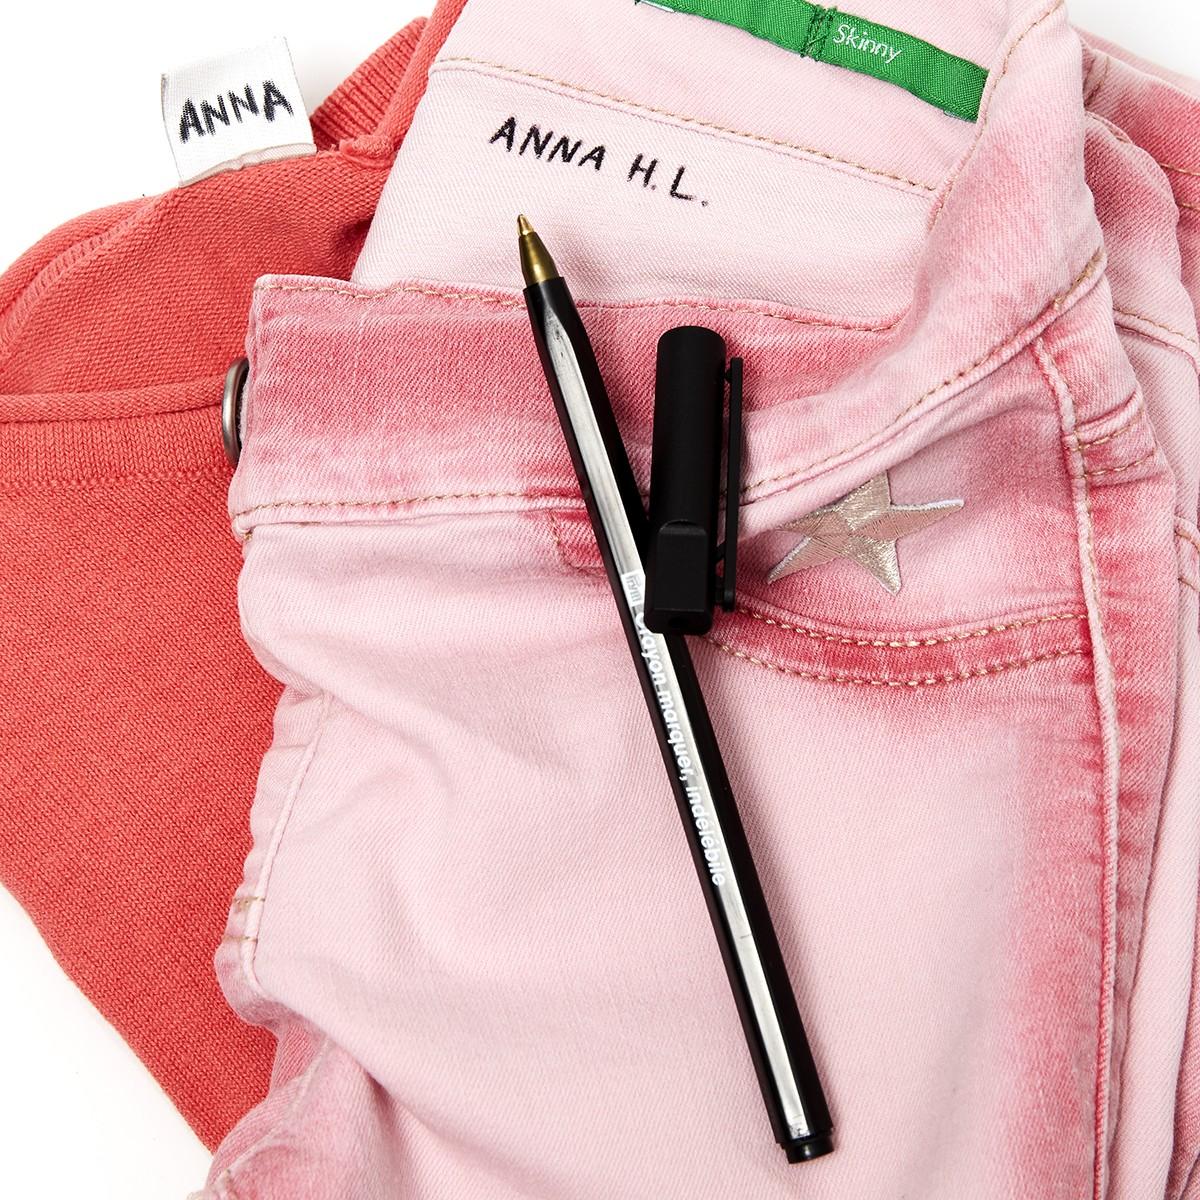 Textilpenna - marknadens bästa textilpennor - Snabbt och enkelt 4d37d0368a591